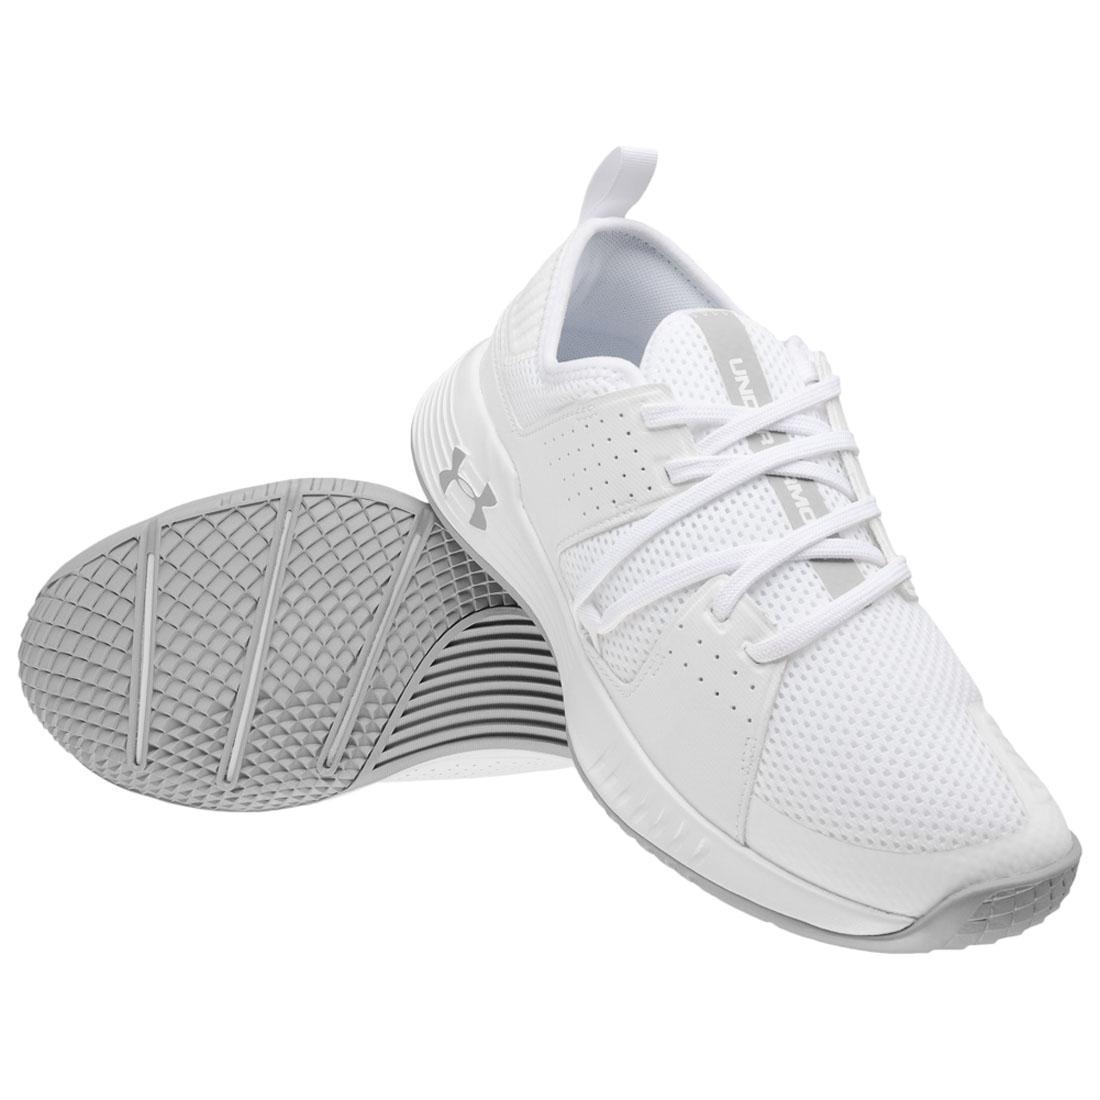 zapatos under armour blancos vintage